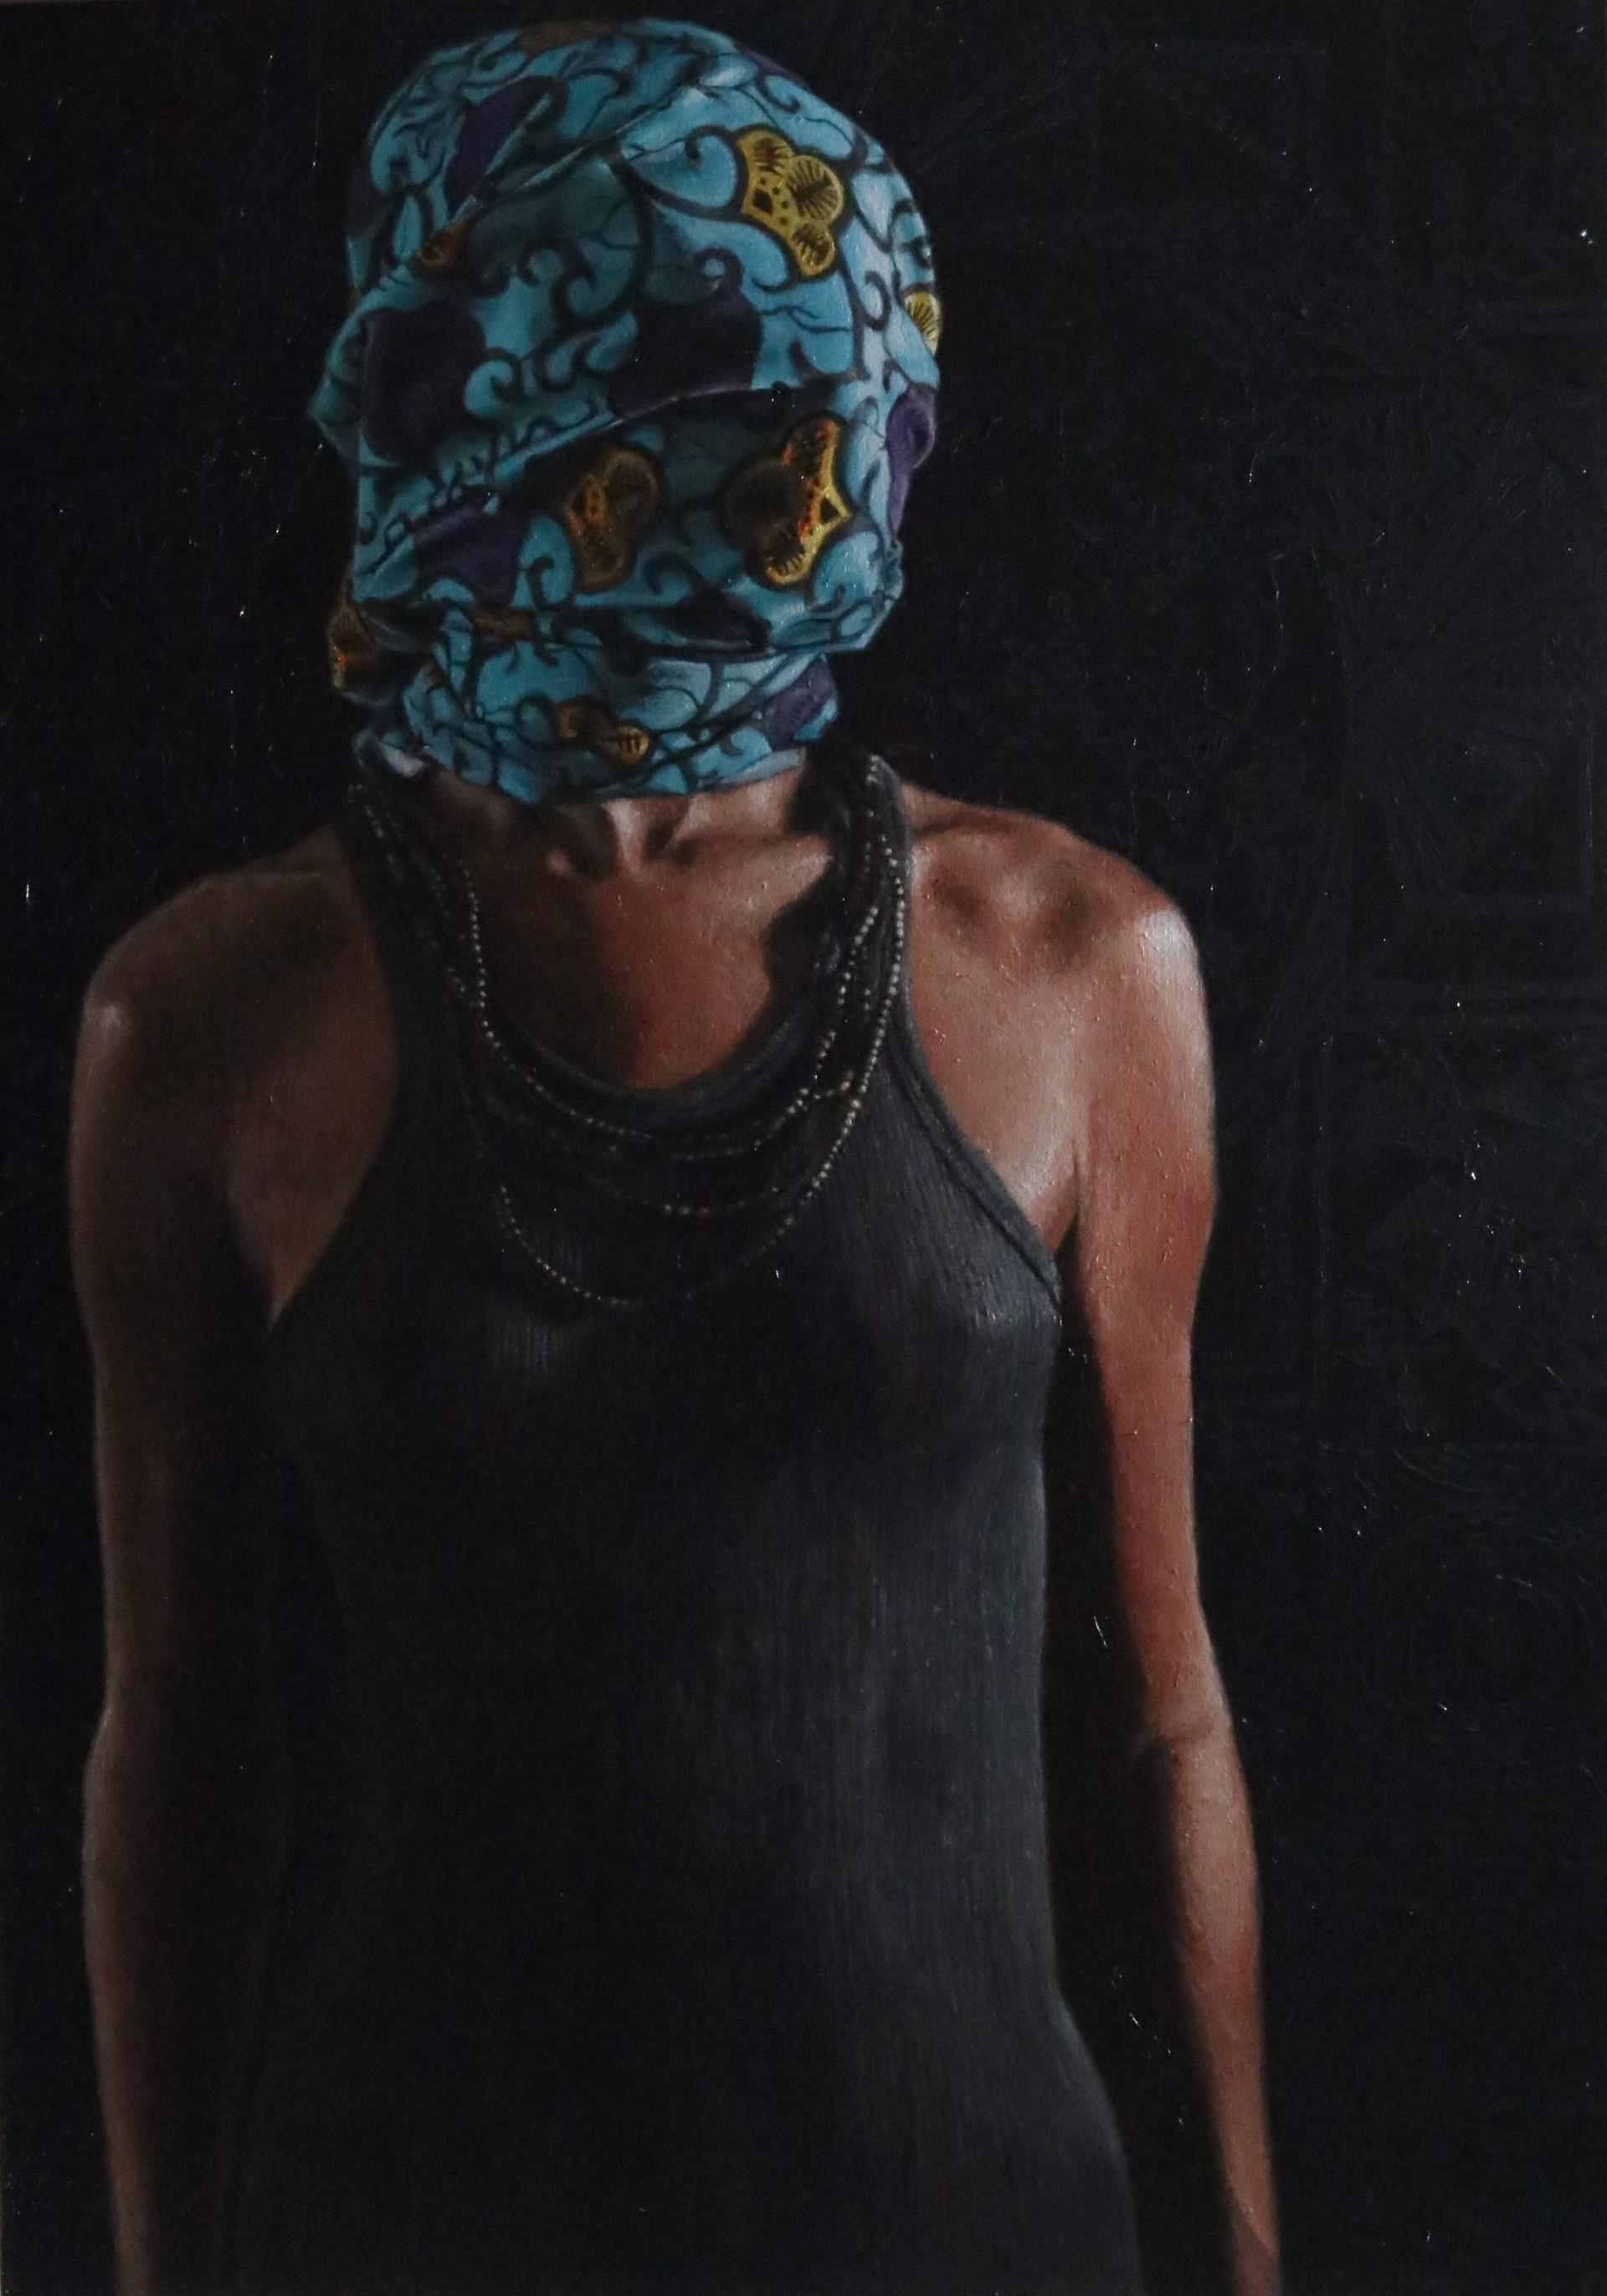 Aduke by Idowu Oluwaseun